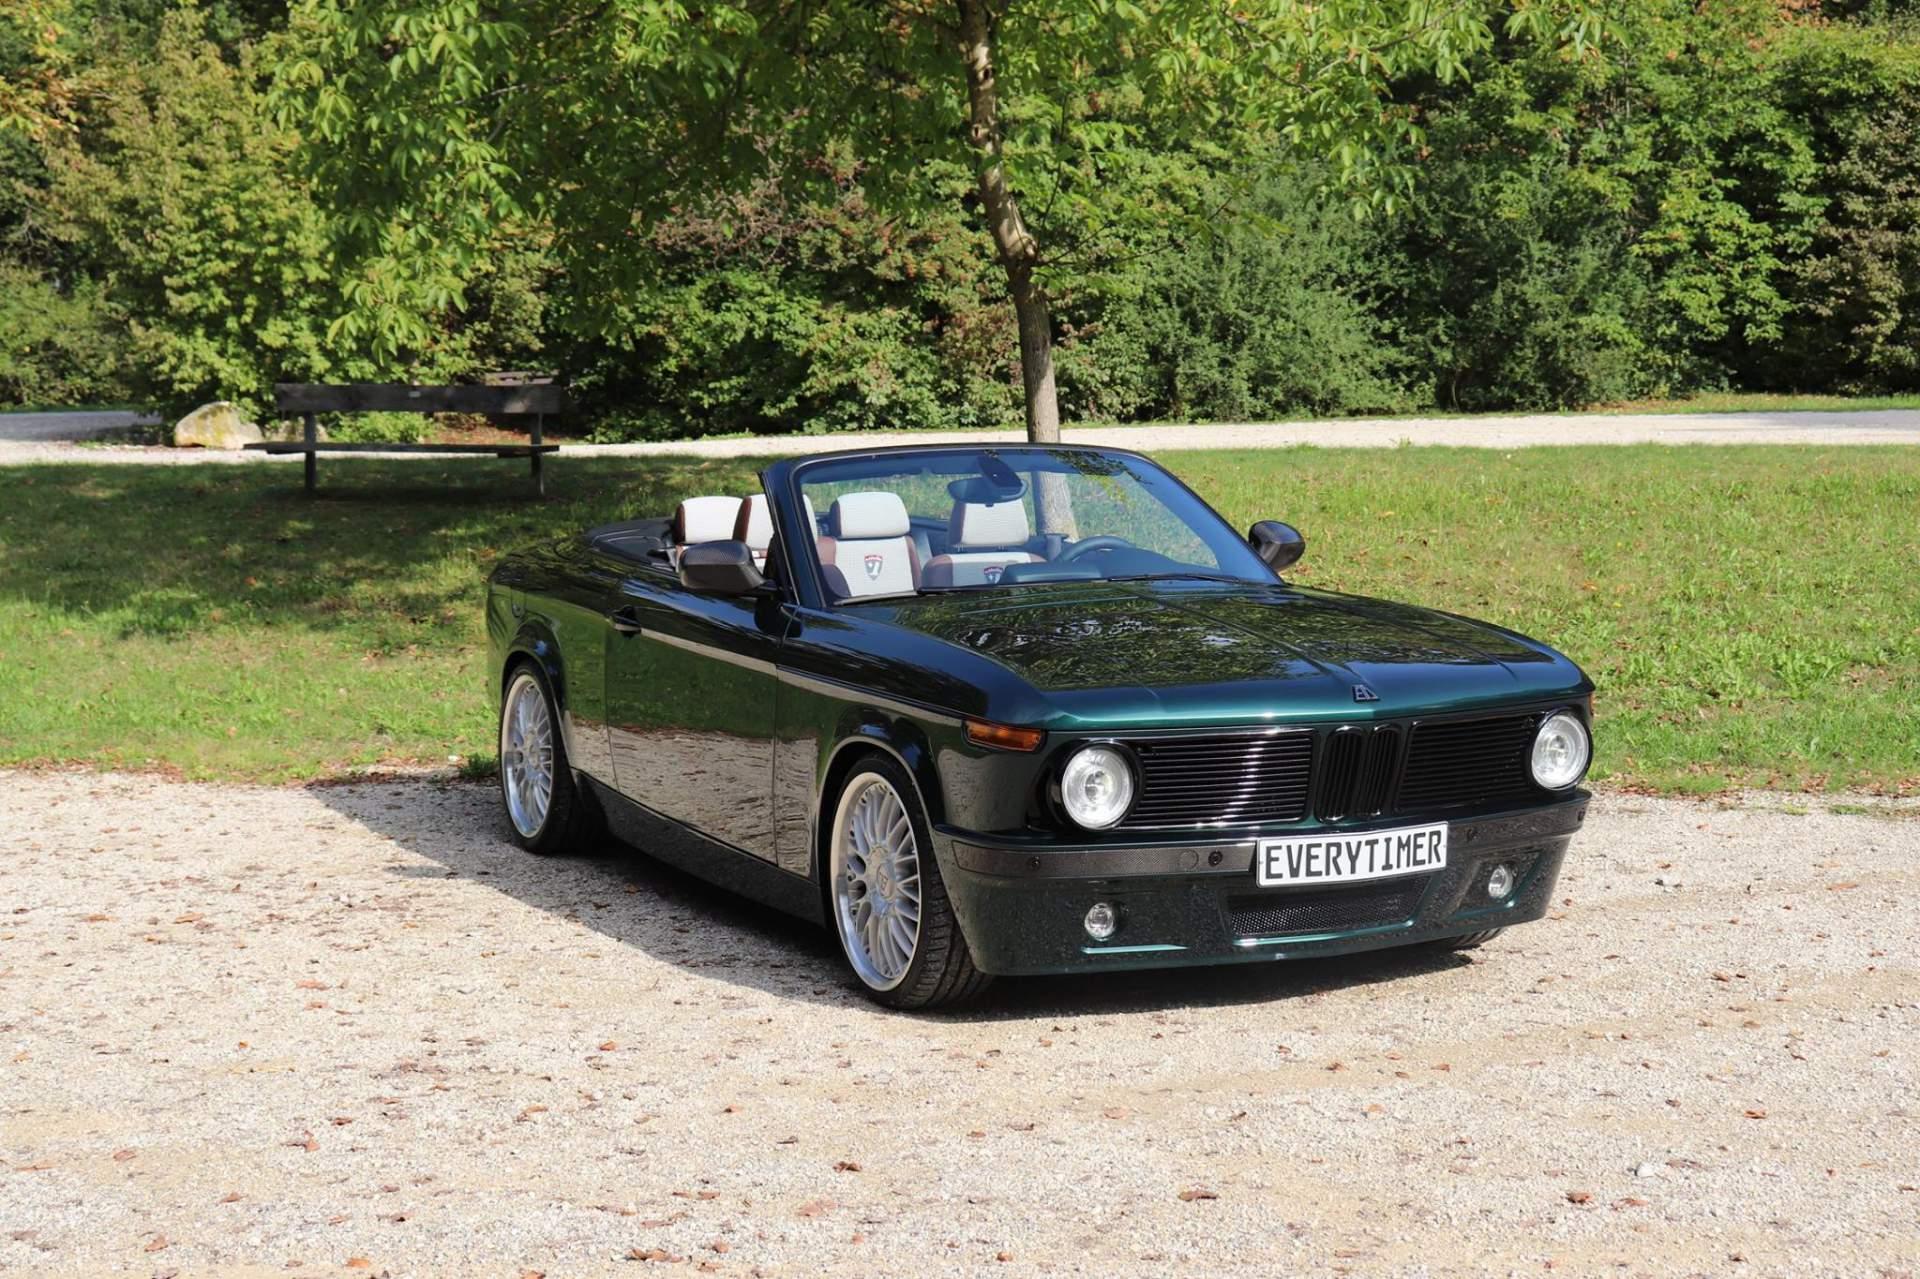 Everytimer Automobile BMW 135i 2002 cabriolet